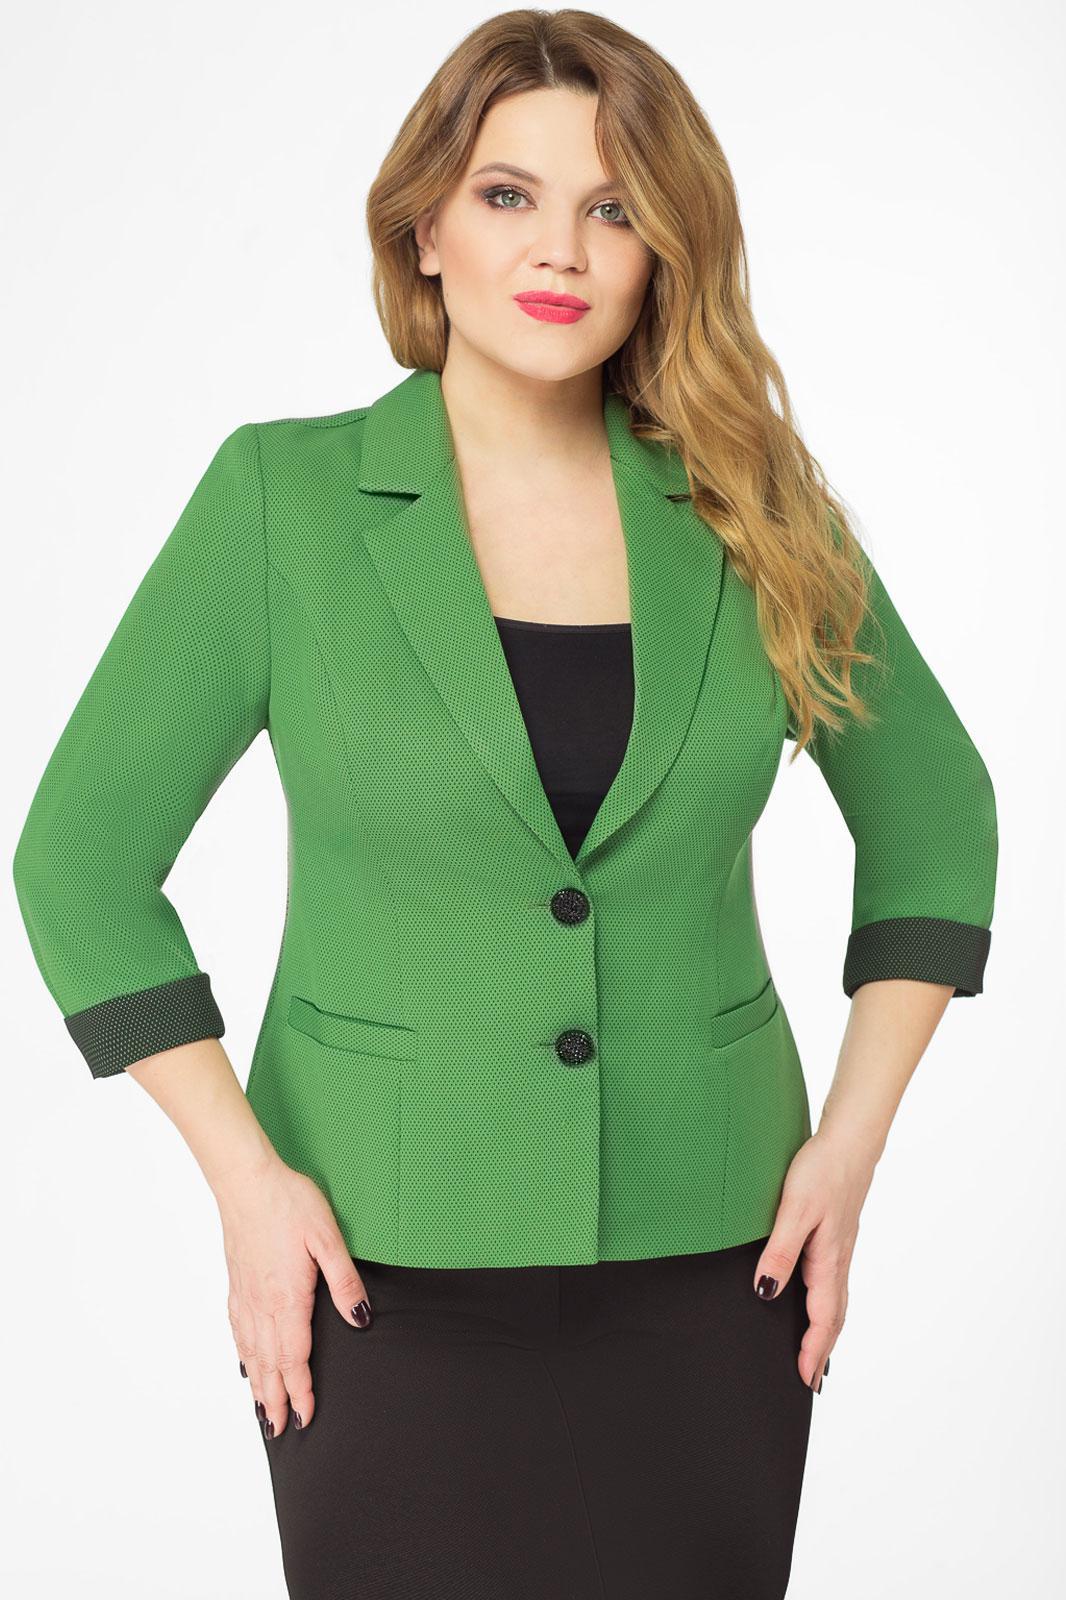 Купить Пиджак Дали, 3247 зелень, Беларусь